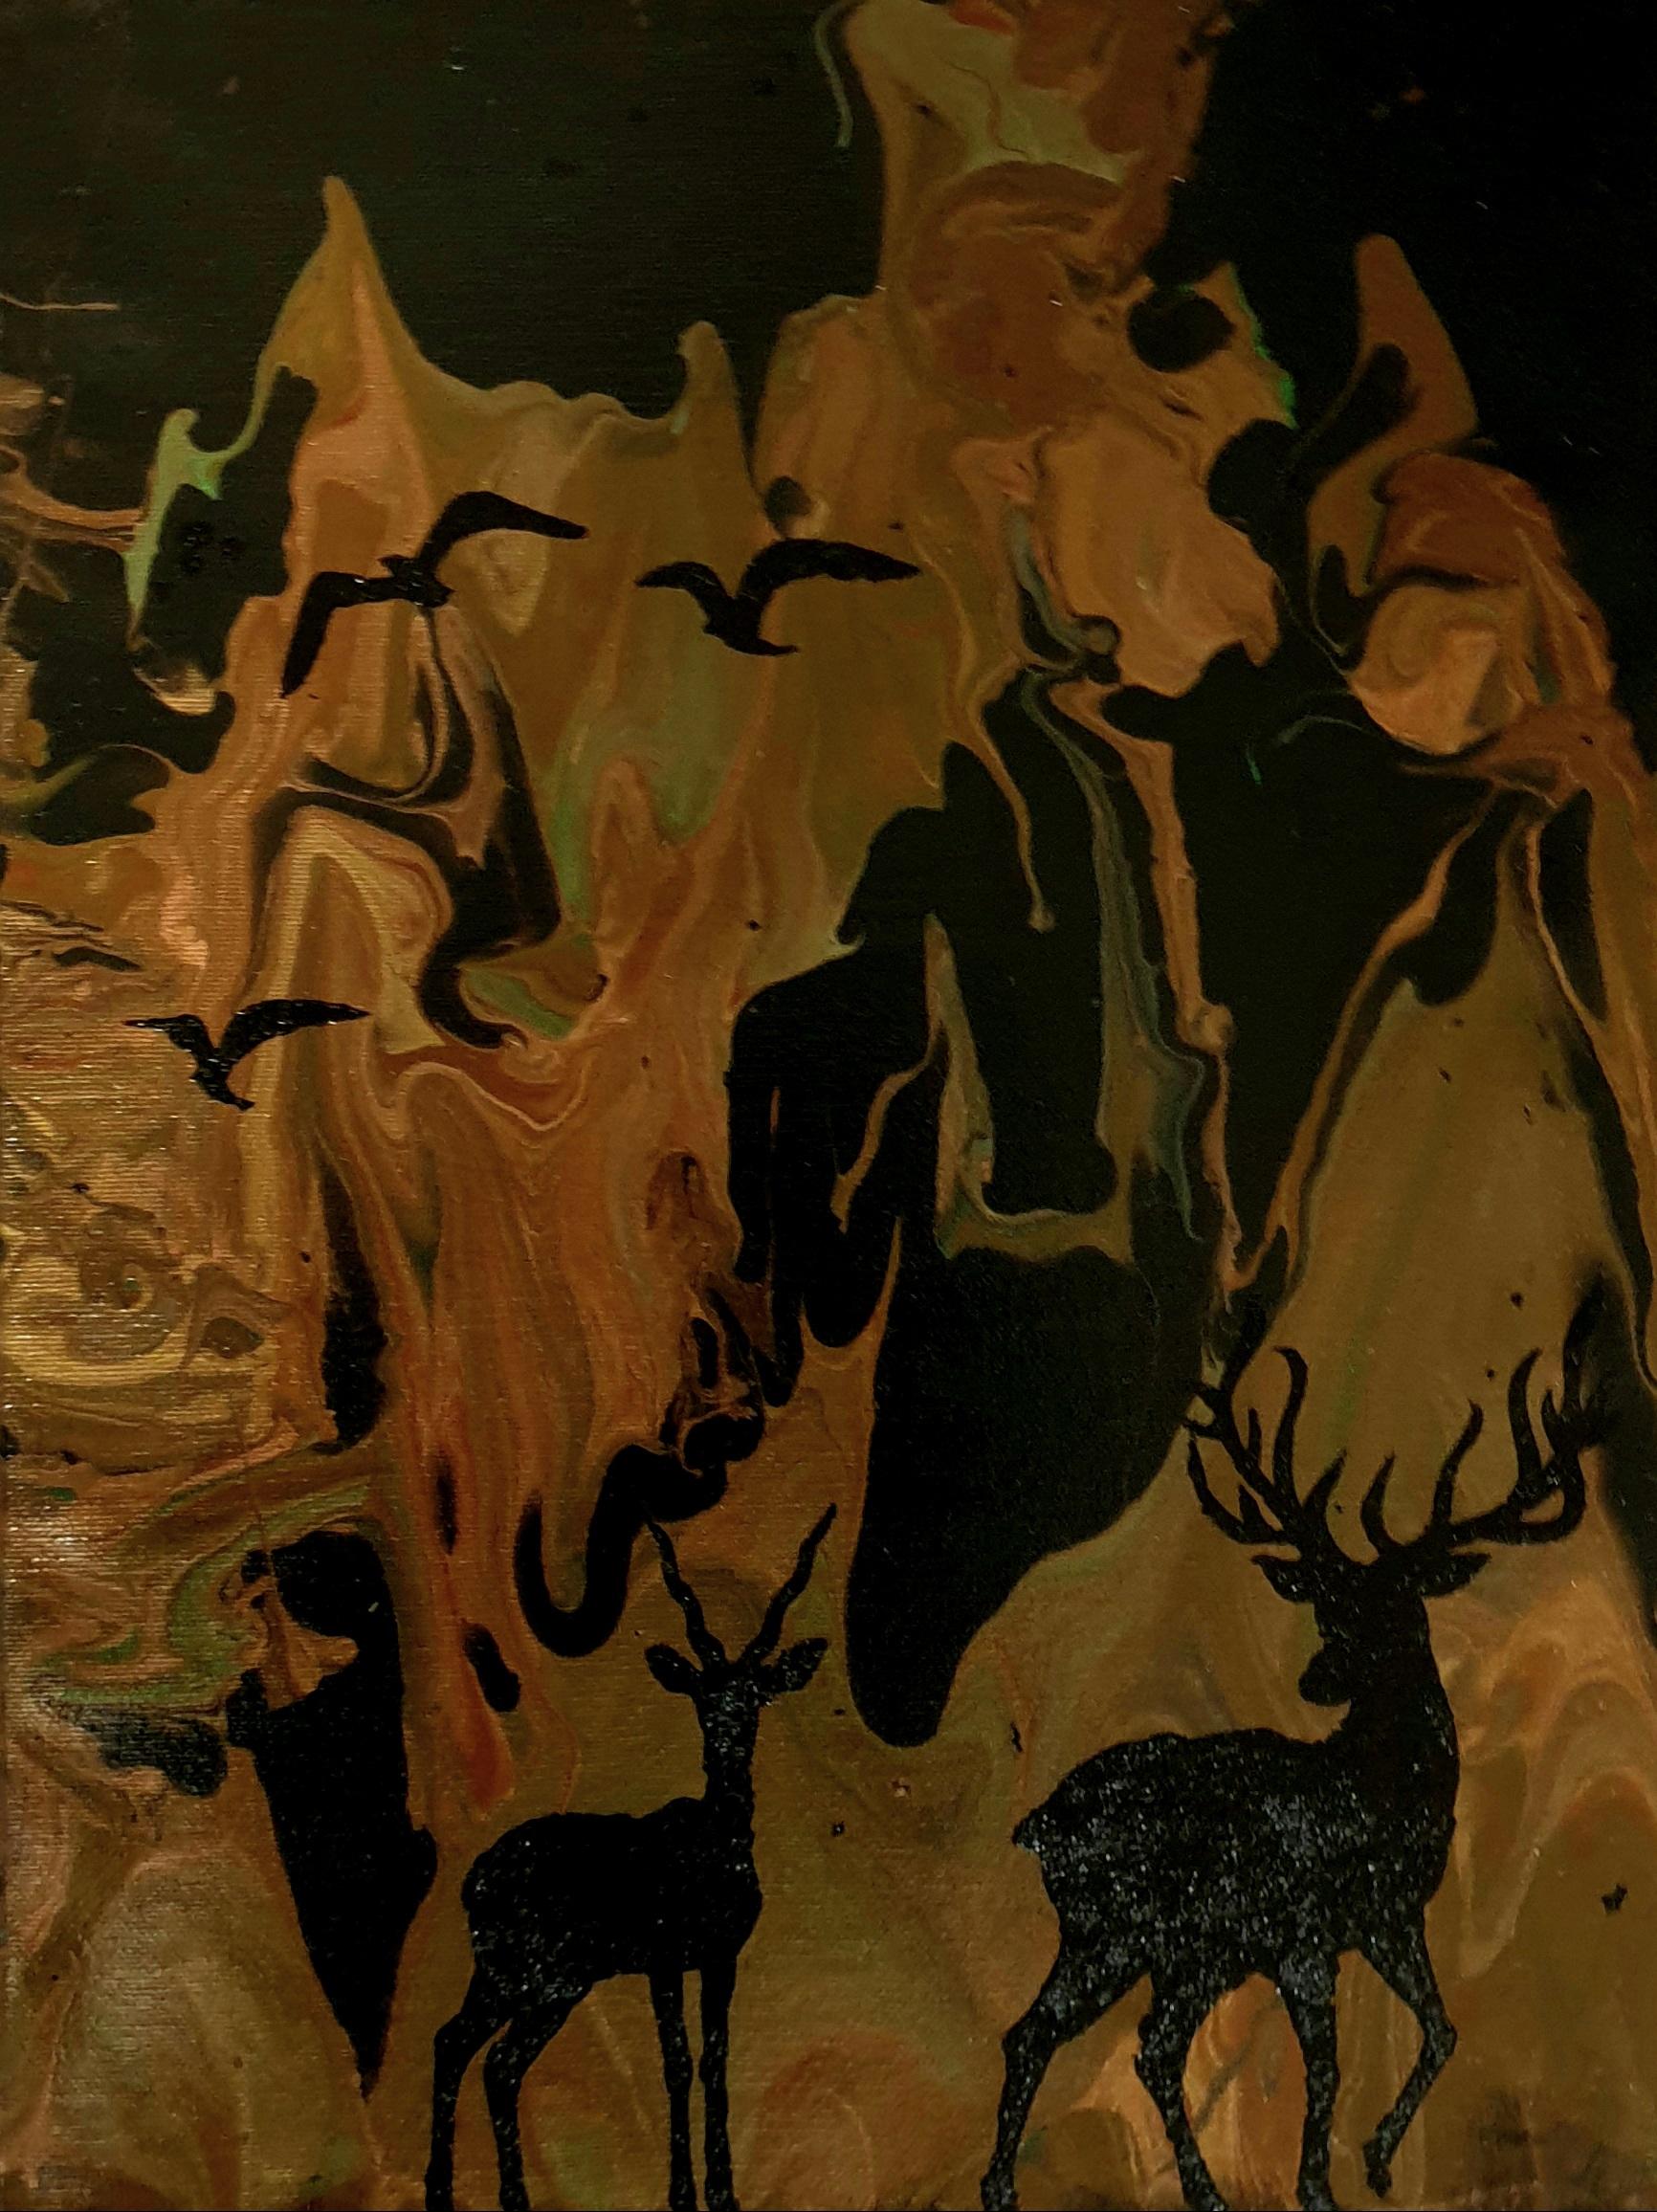 """Obraz akryl 30cm x 40cm pt. """"Wśród skał"""" (2020)"""